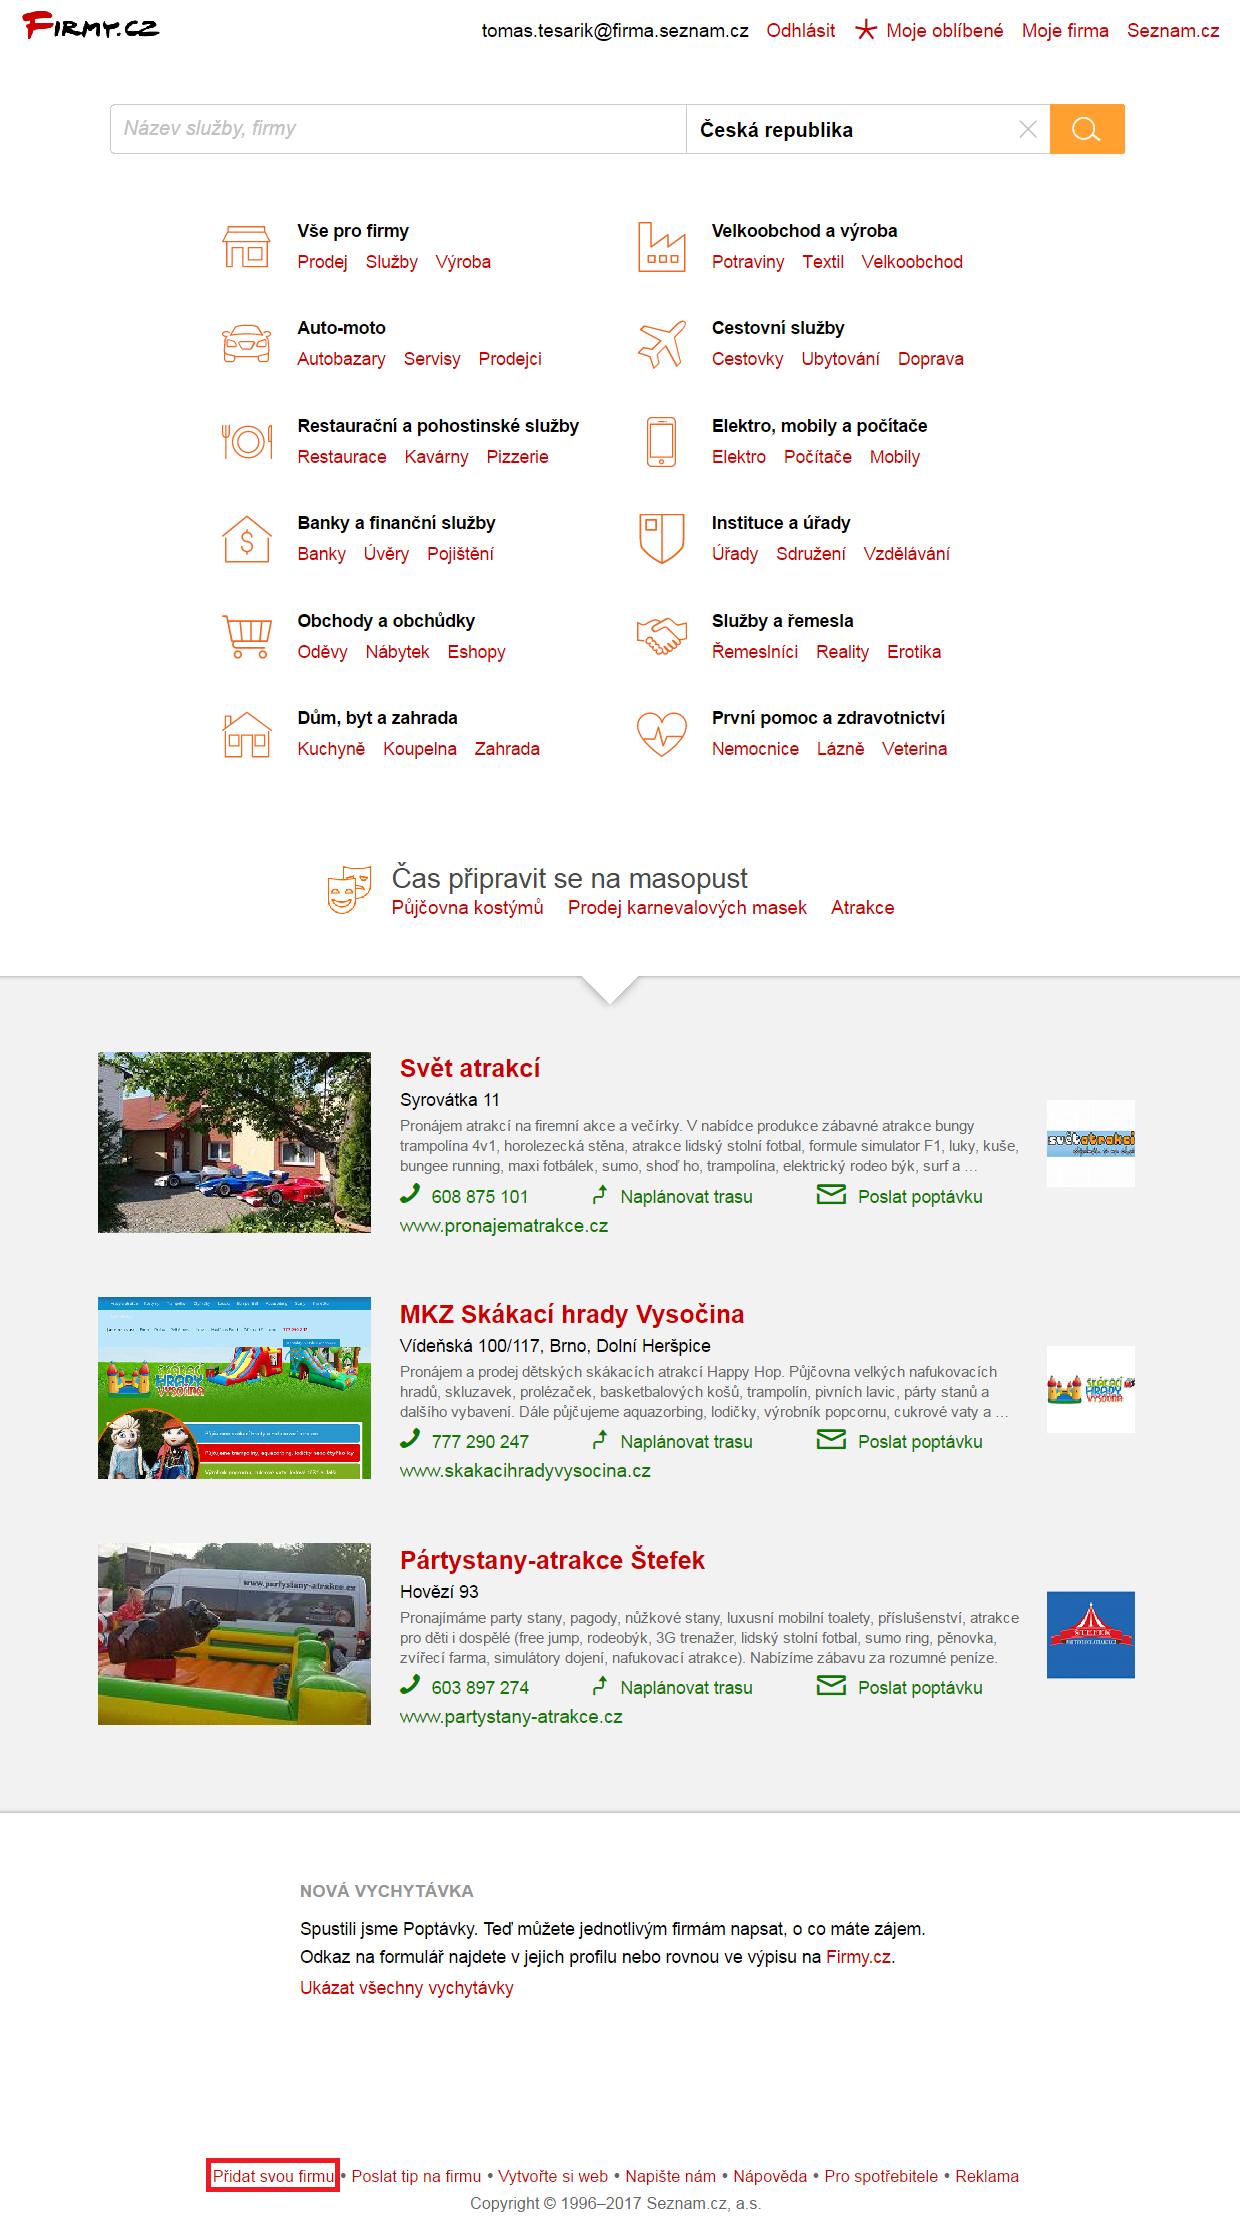 web společnosti dvou společností utkání zdarma pro online manželství